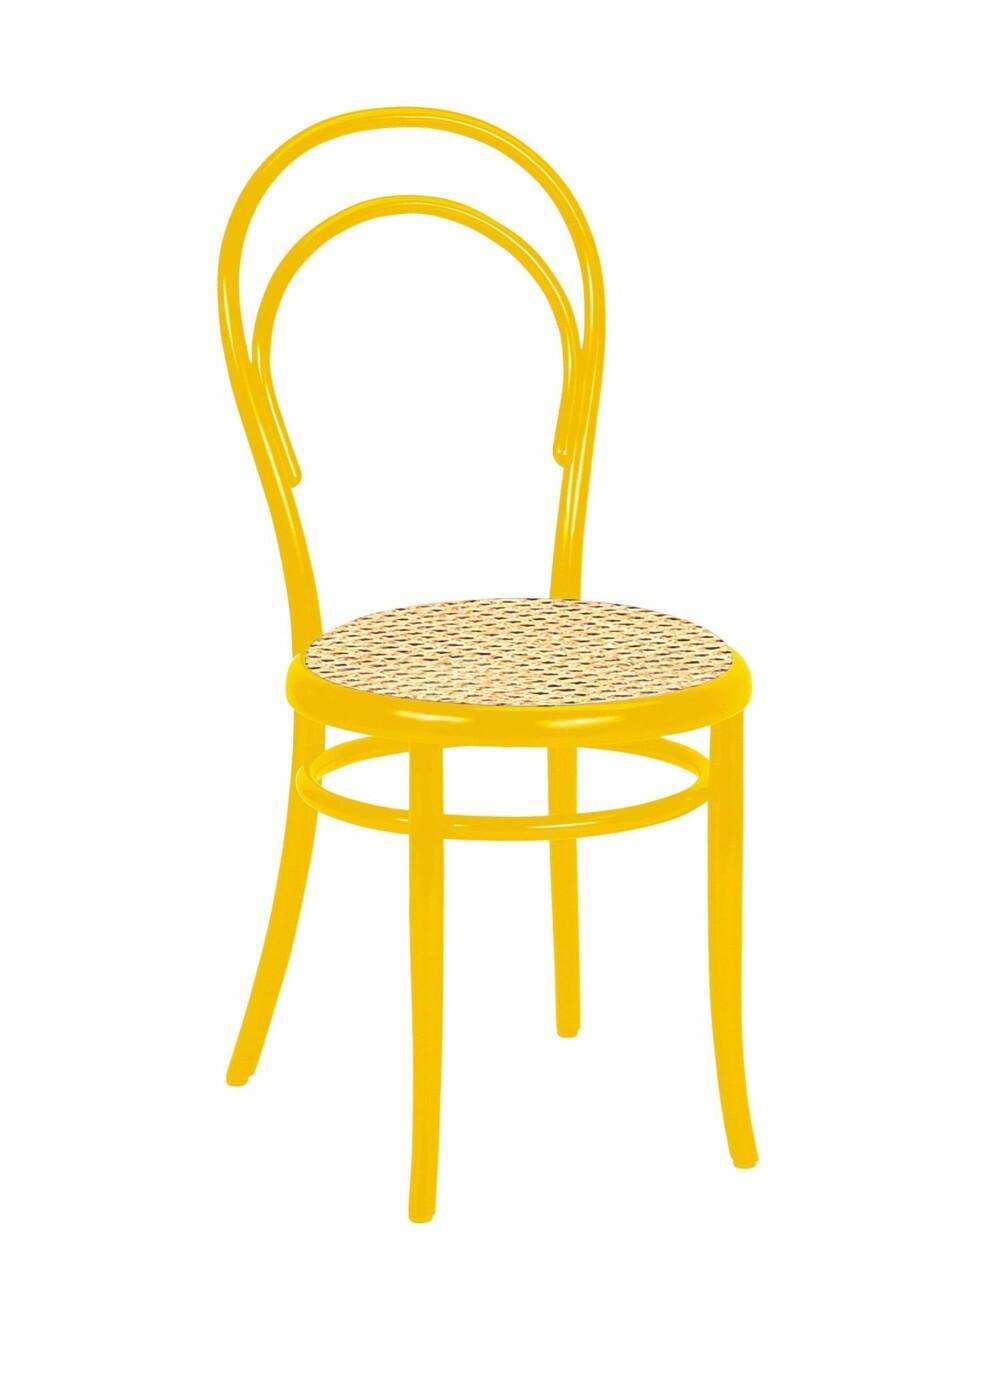 TIDLIG KLASSIKER: Michael Thonet designet stolen No. 14 som var en av de første som kunne flatpakkes. Den består av seks bøkepinner, ti skruer og to muttere. Klassikeren markedsføres i dag som No. 214 for Gebrüder Thonet Vienna, lebensraeume-einrichten.de